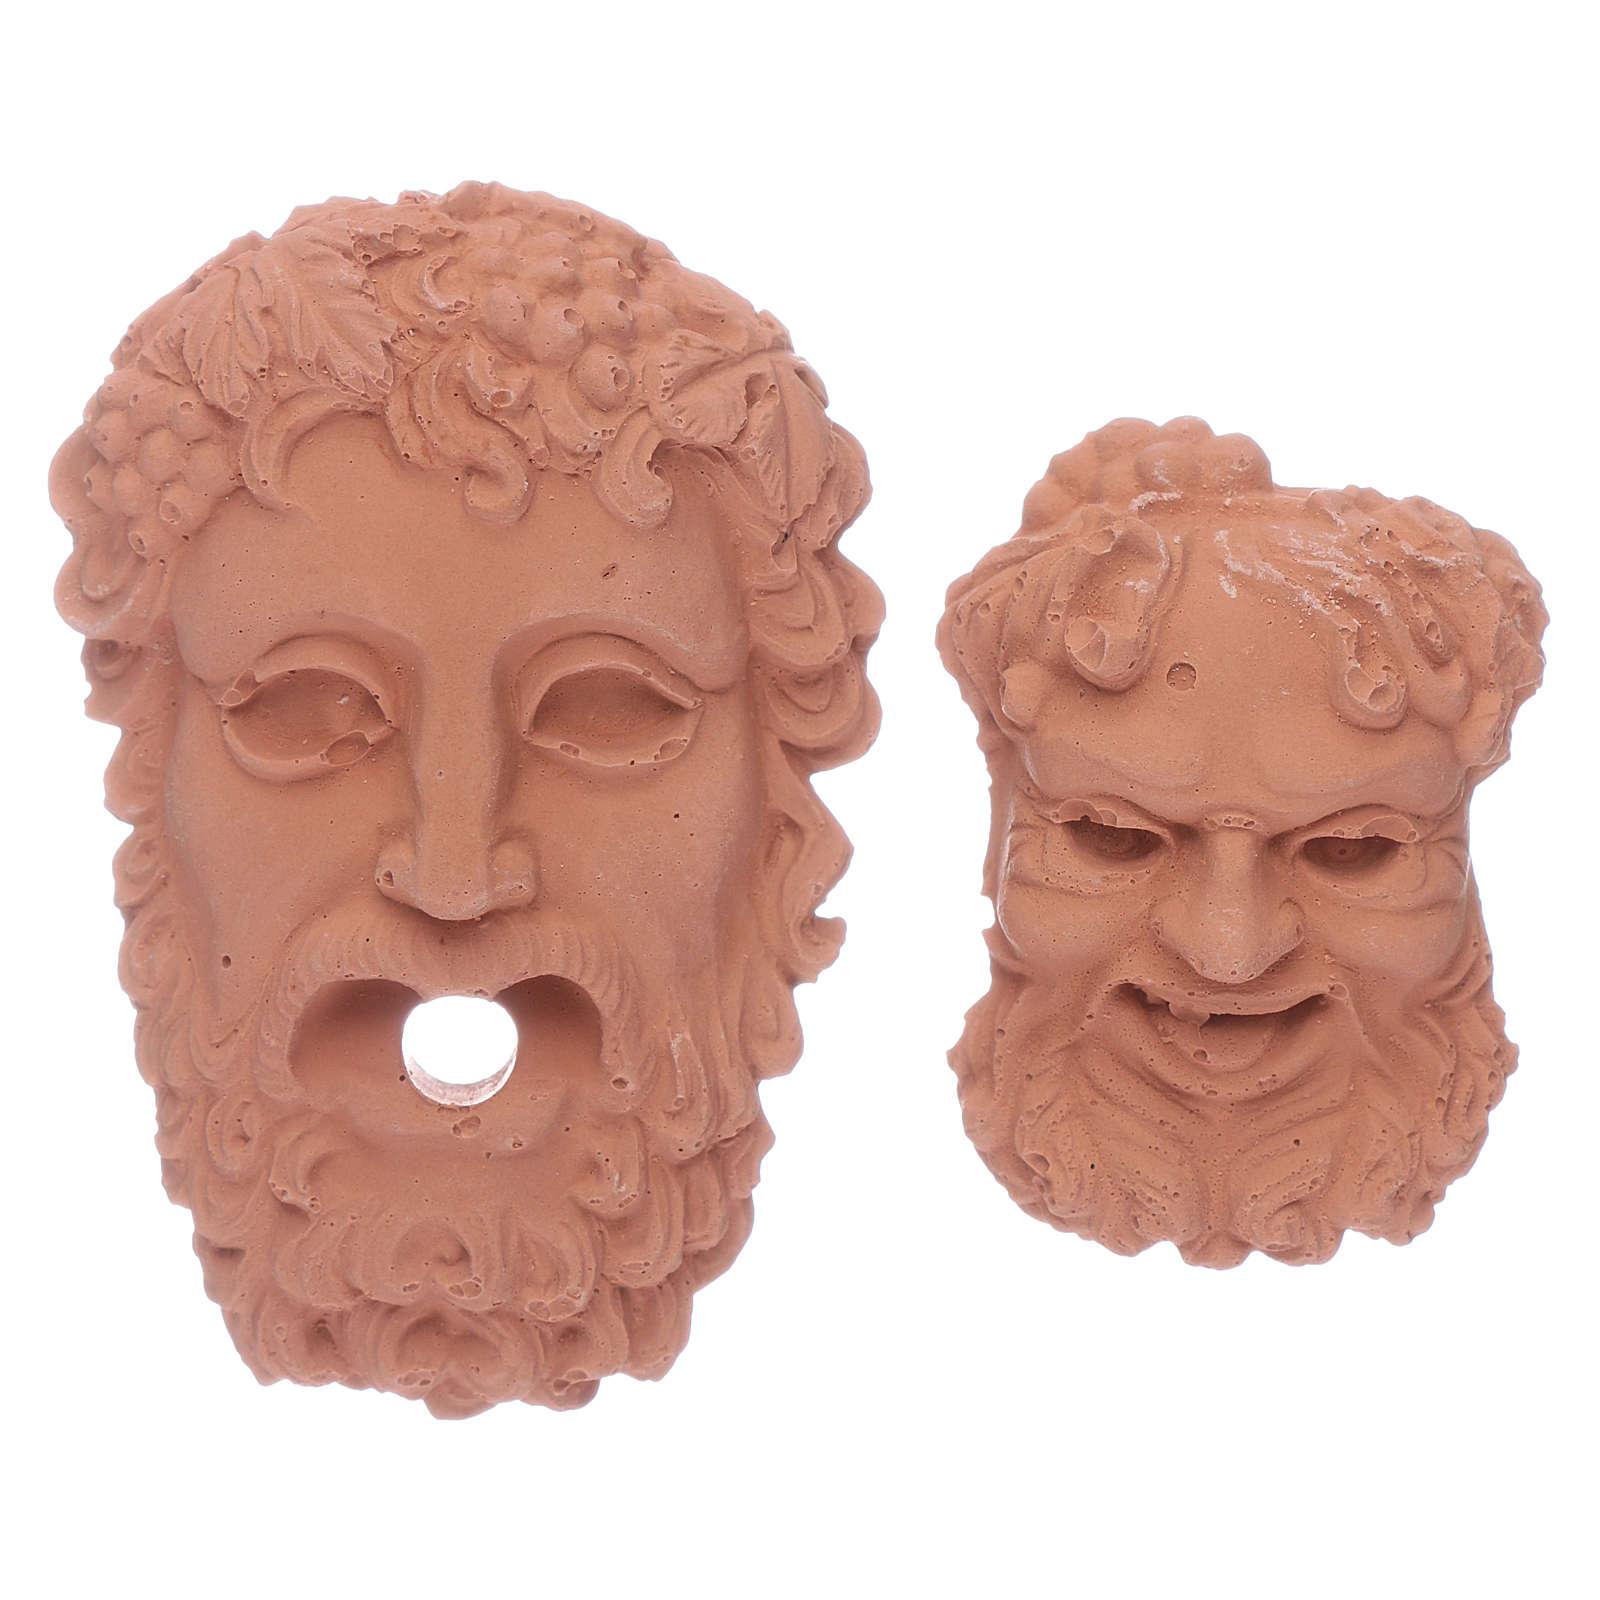 Cabezas Dioses griegos Zeus y Baco 4